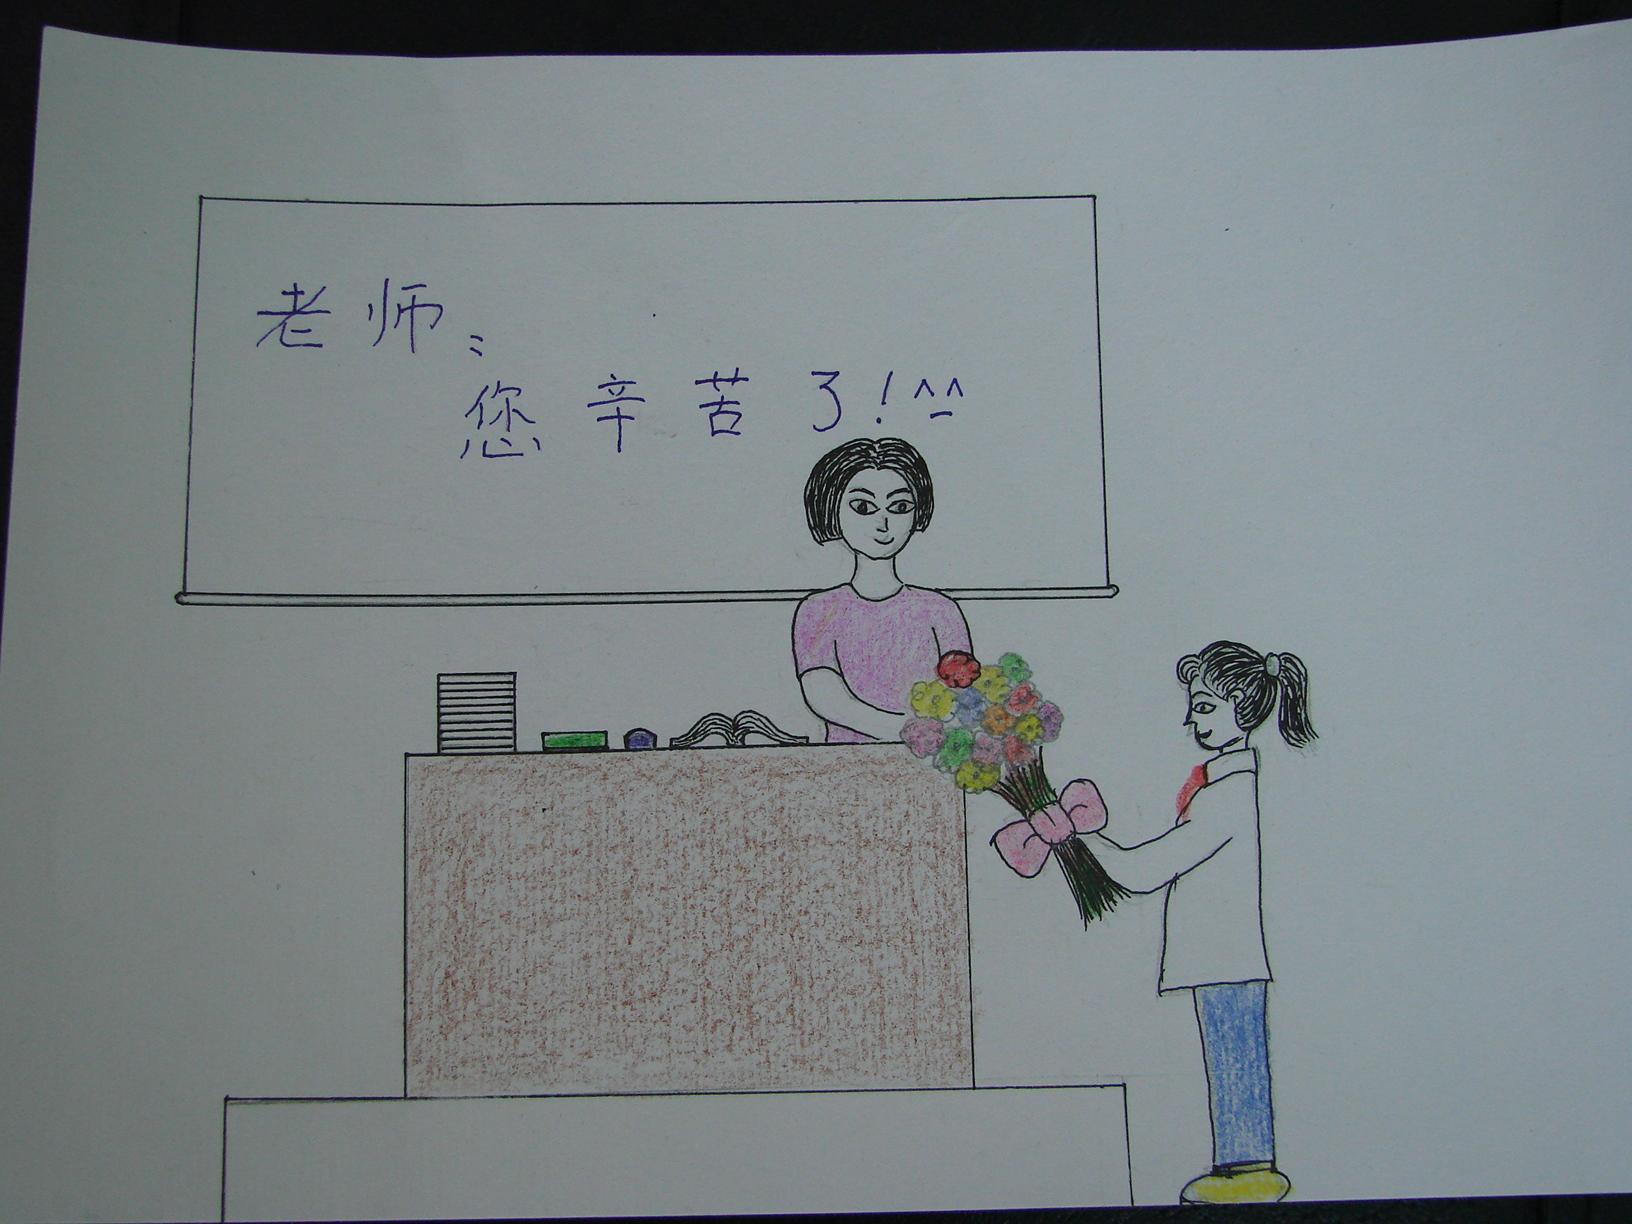 08教师节专题:我爱我的好老师——老师的画像10;; 6.图片